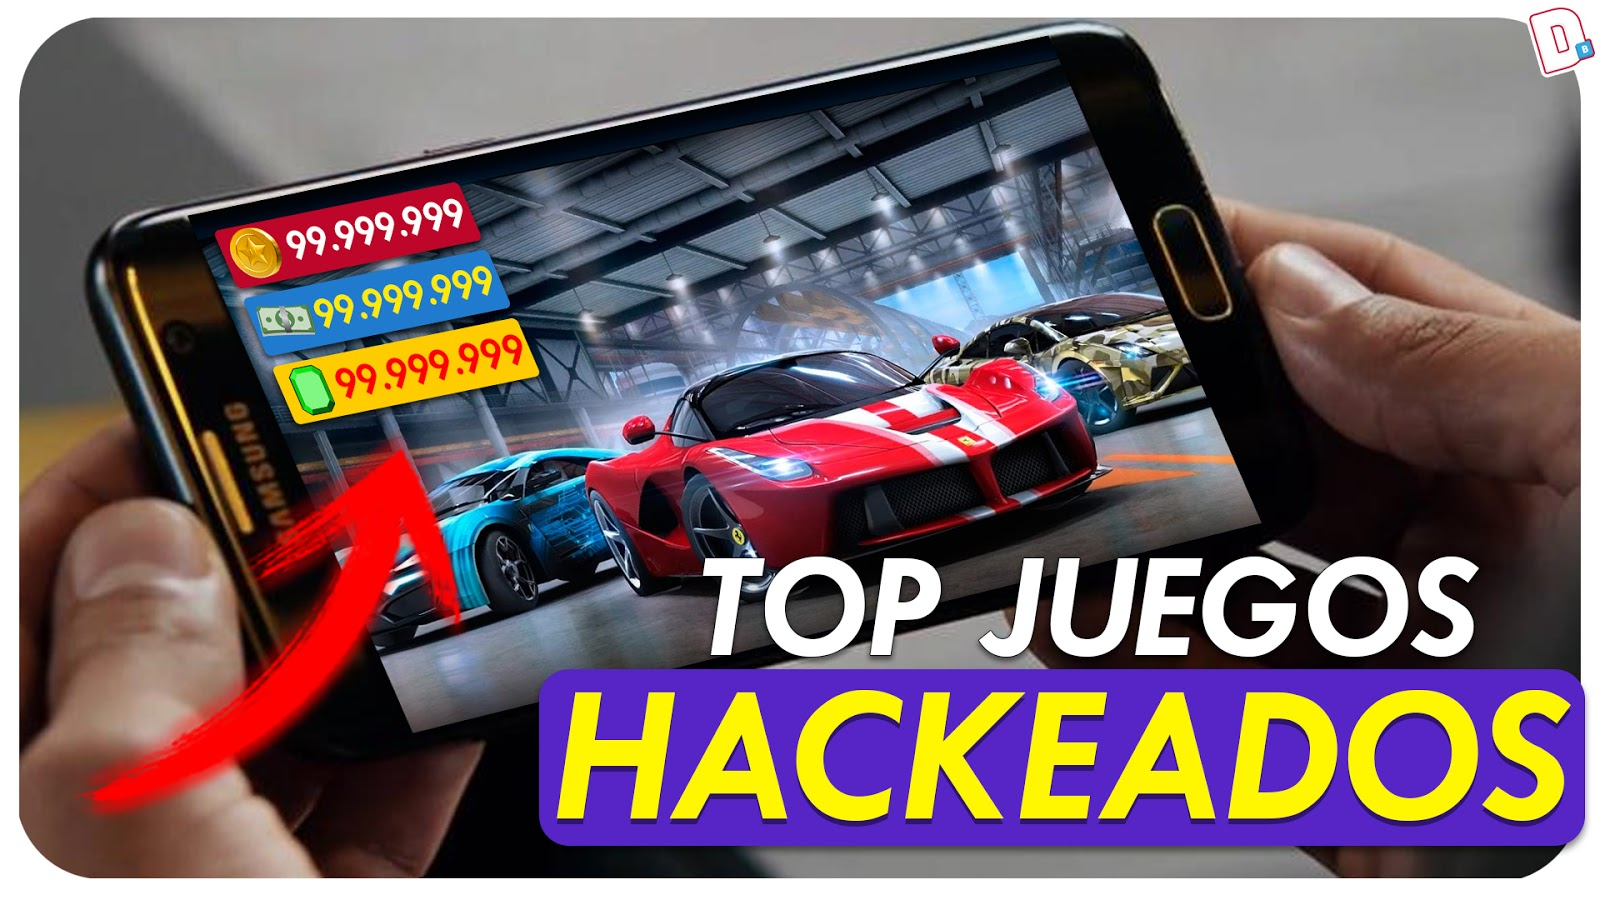 Top 5 Juegos Online Hackeados 2017 Danybakero